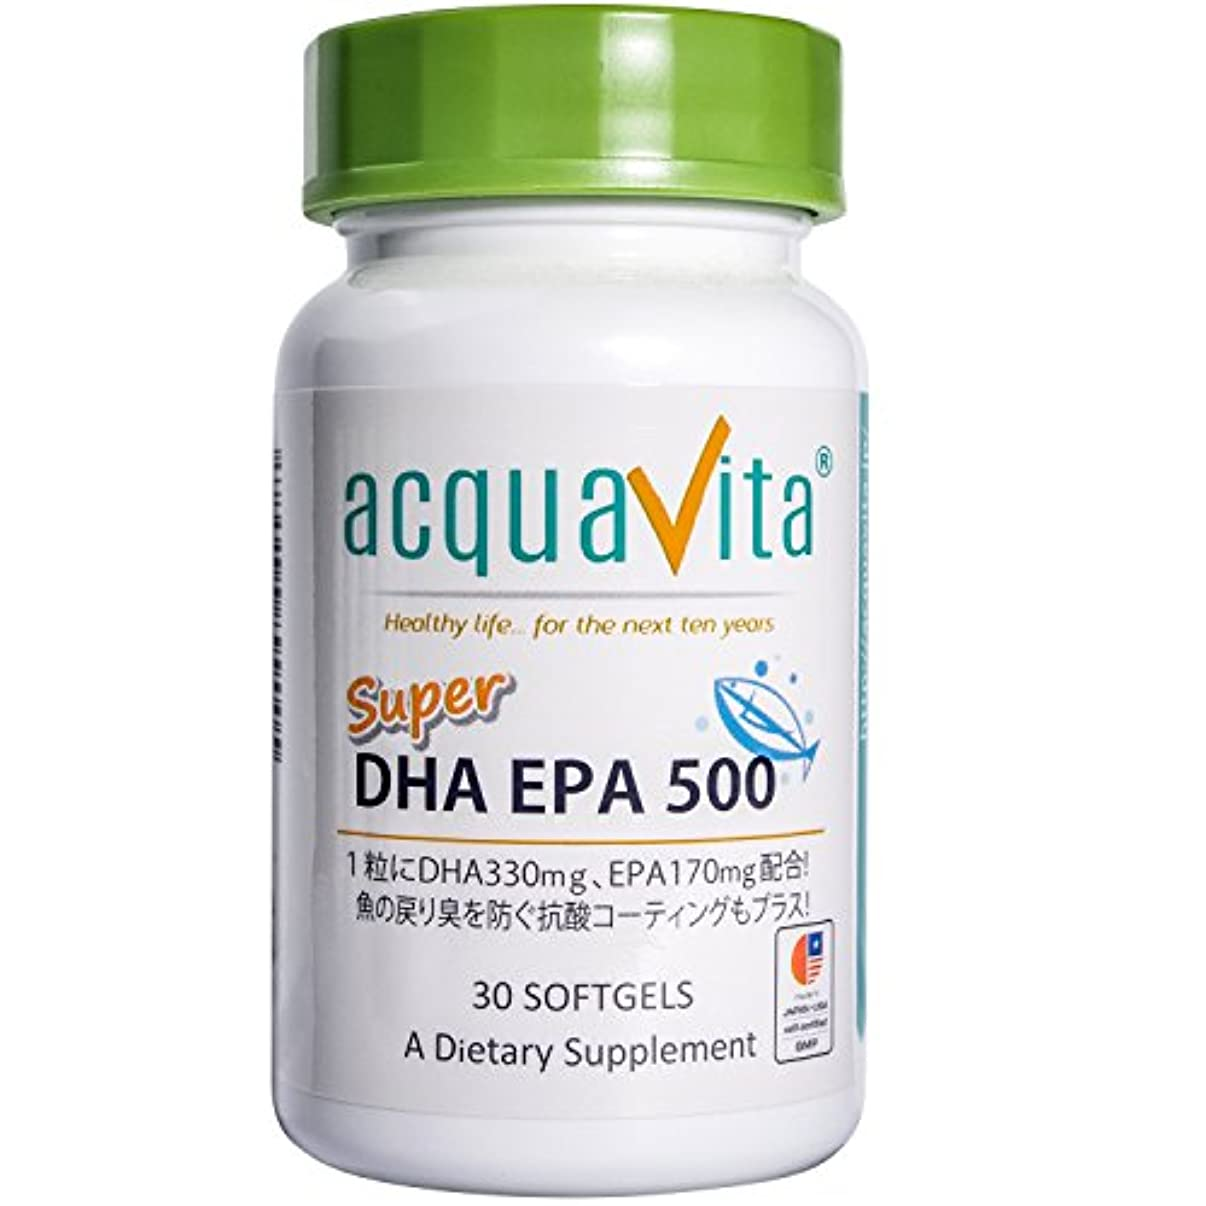 ほめる内側ハリケーンacquavita(アクアヴィータ) スーパーDHAEPA500 30粒